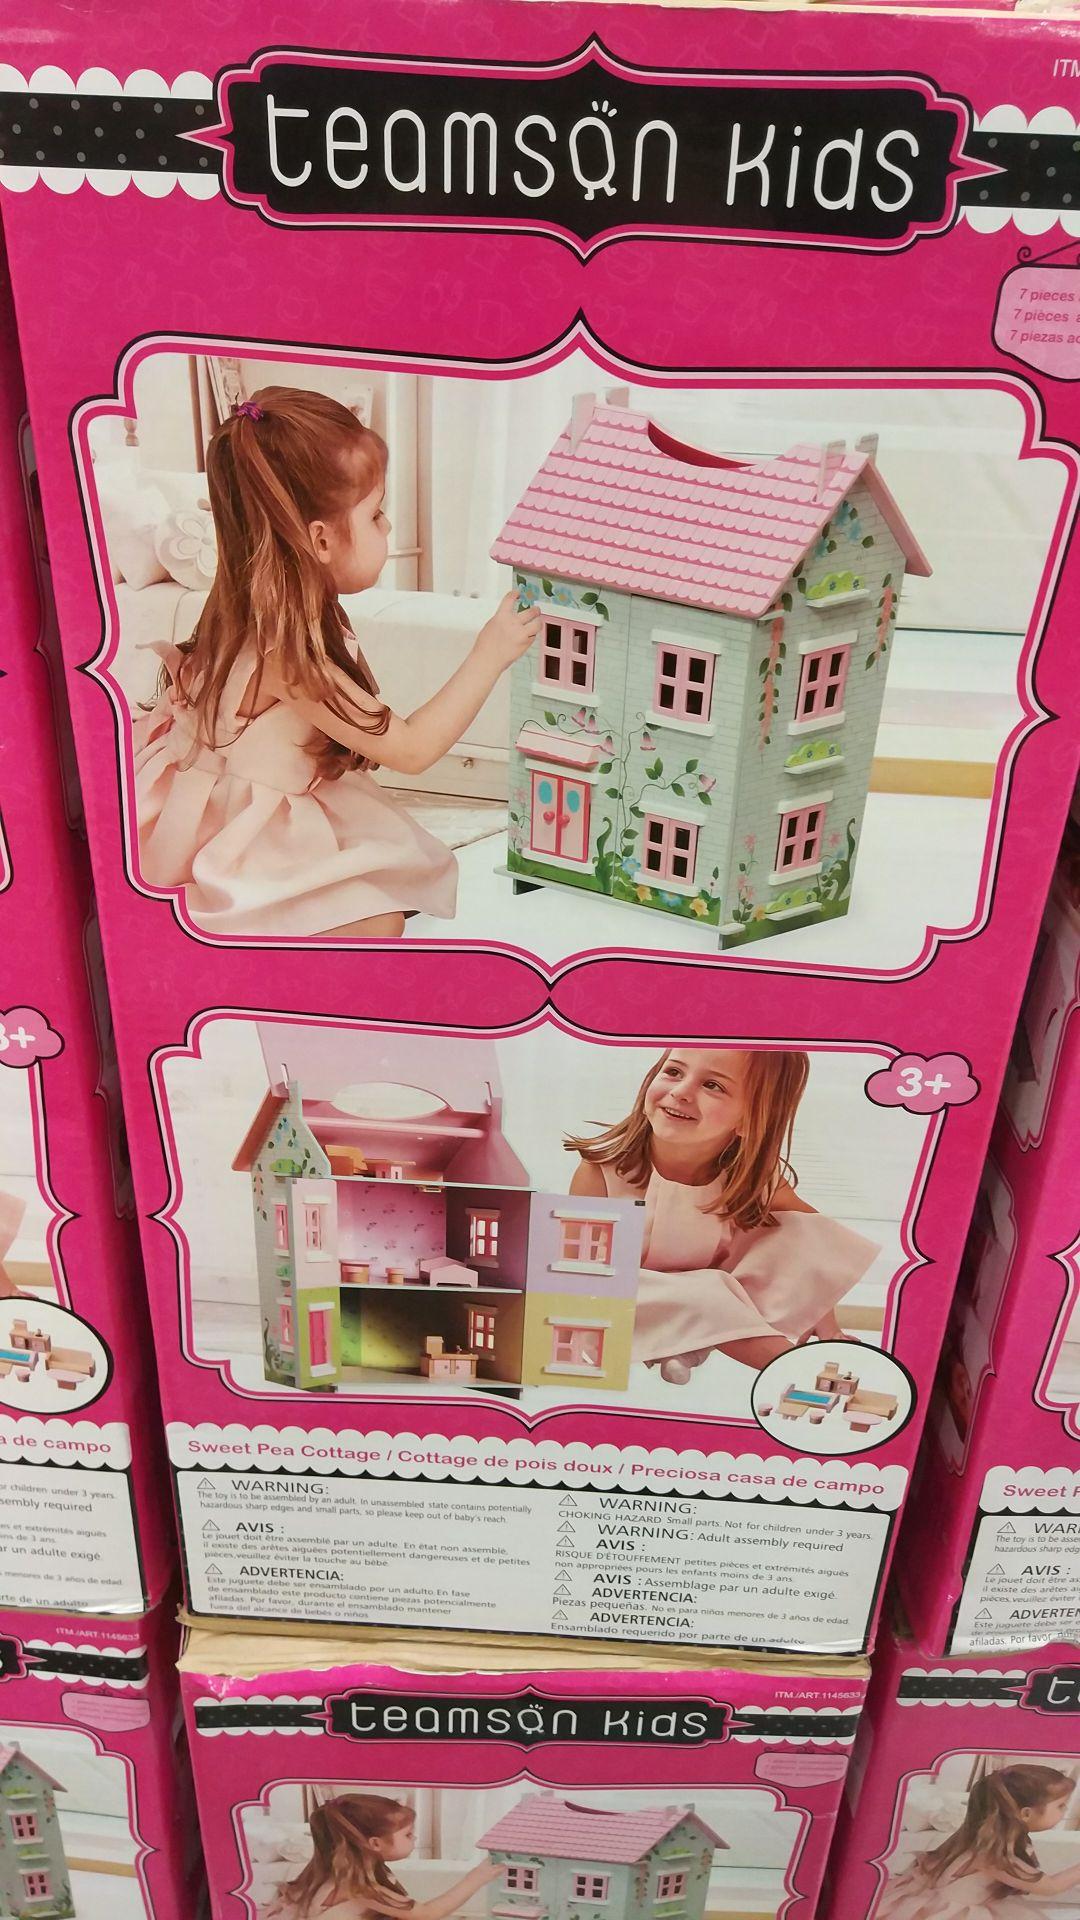 [Clients CostCo] Sélection de produits en soldes - Ex : Petite maison de poupée - Costco Villebon-Sur-Yvette (91)